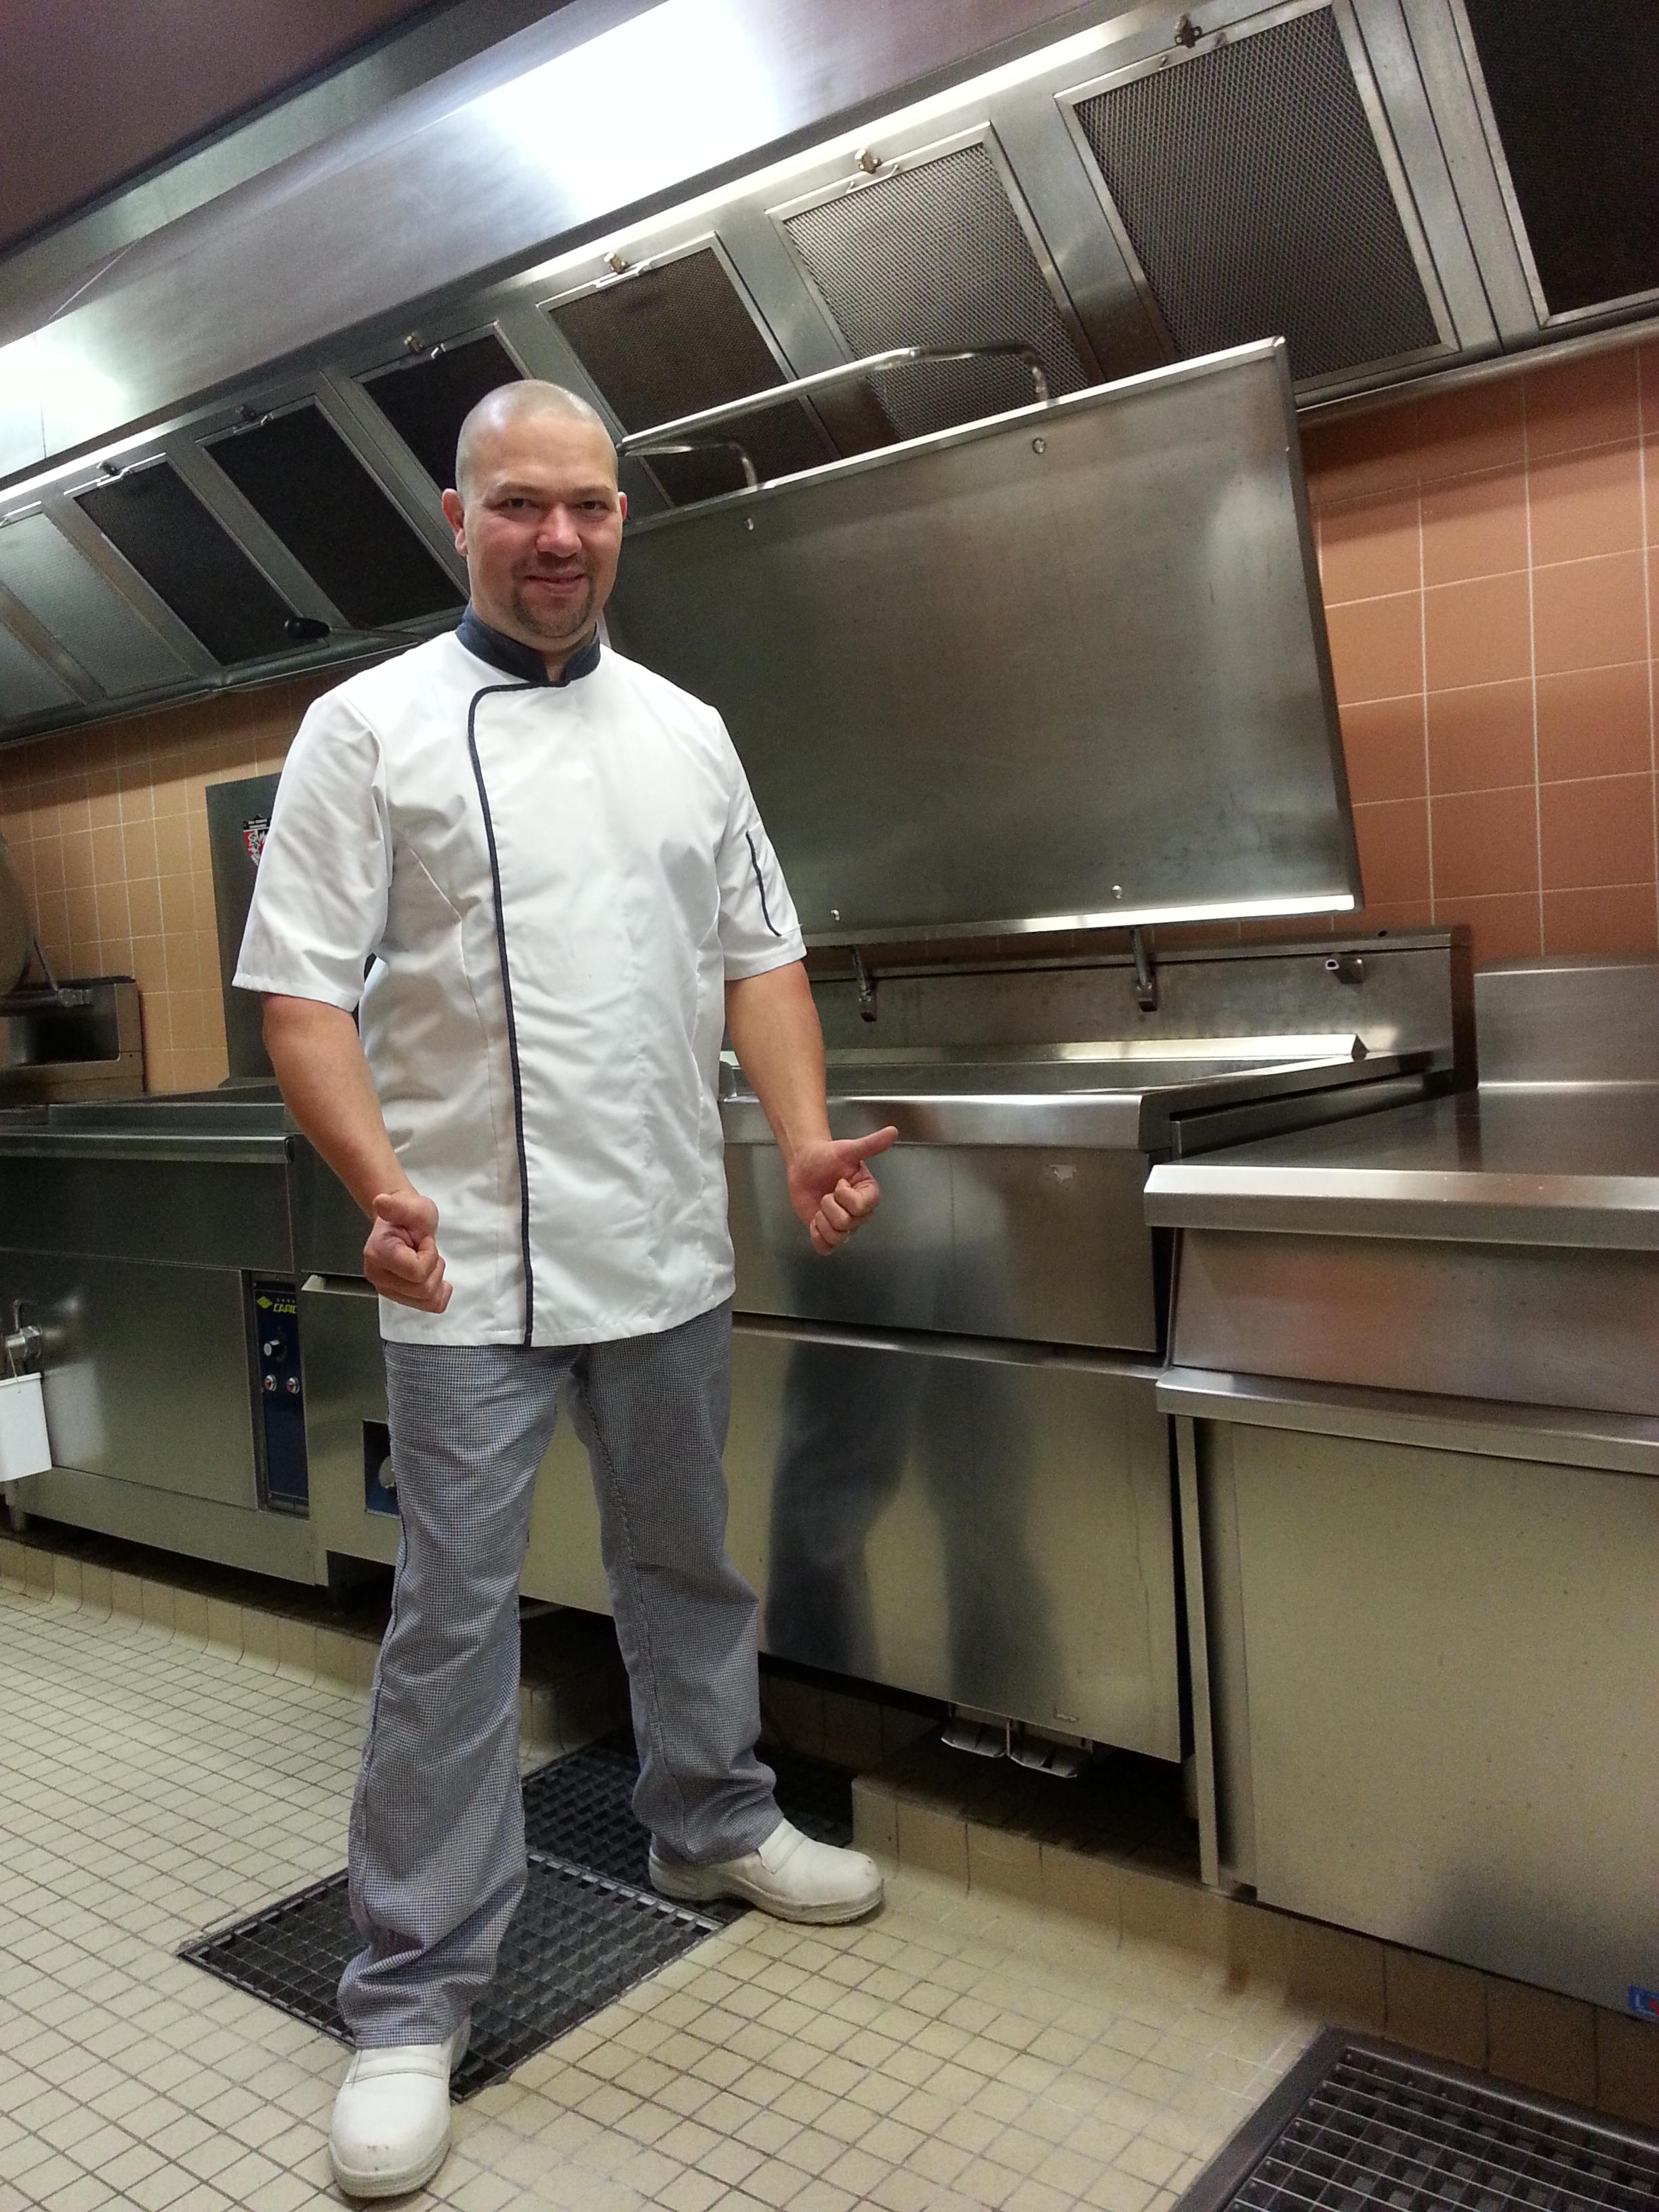 Taillage des l gumes recettes de cuisine et astuces d 39 un vrai cuisinier - Cuisine trucs et astuces ...